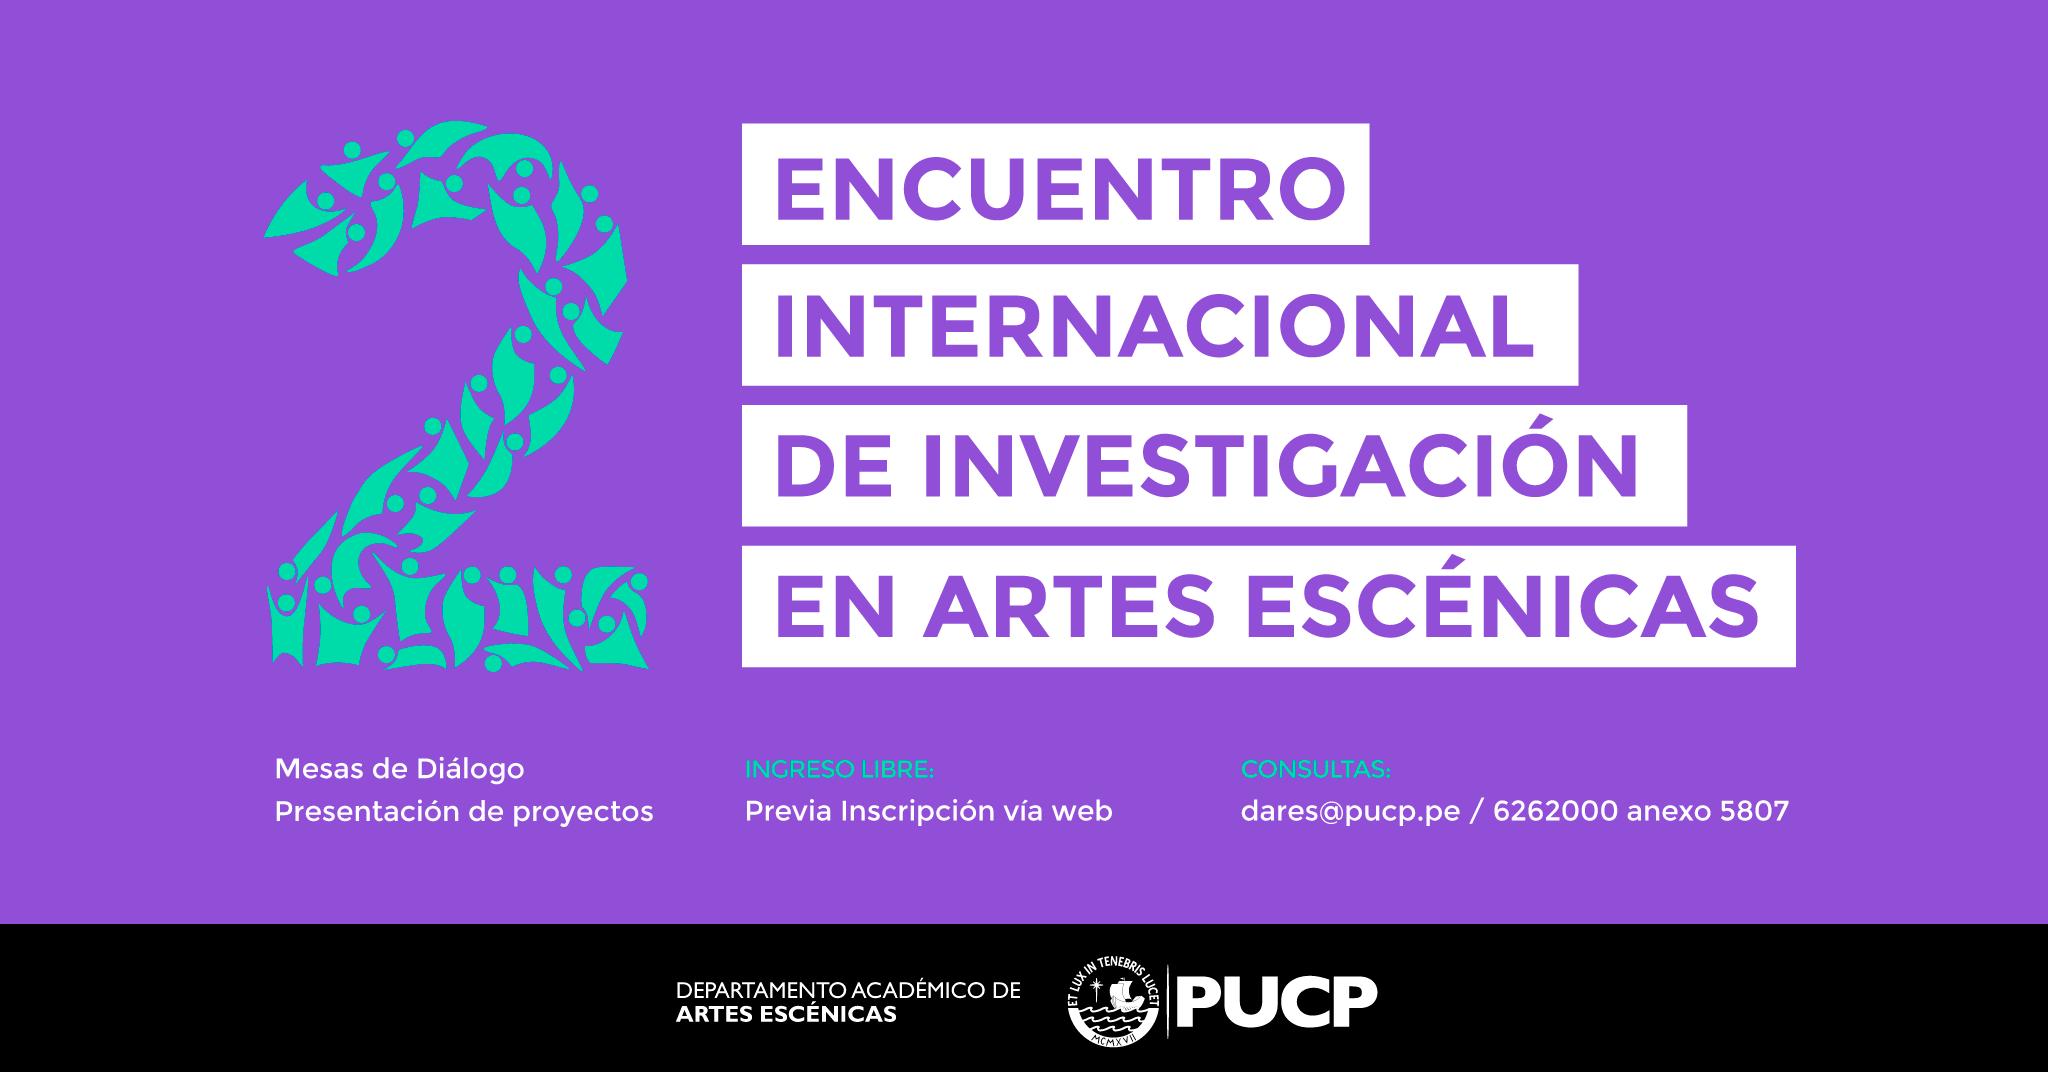 Se realizará el 2do Encuentro Internacional de Investigación en Artes Escénicas